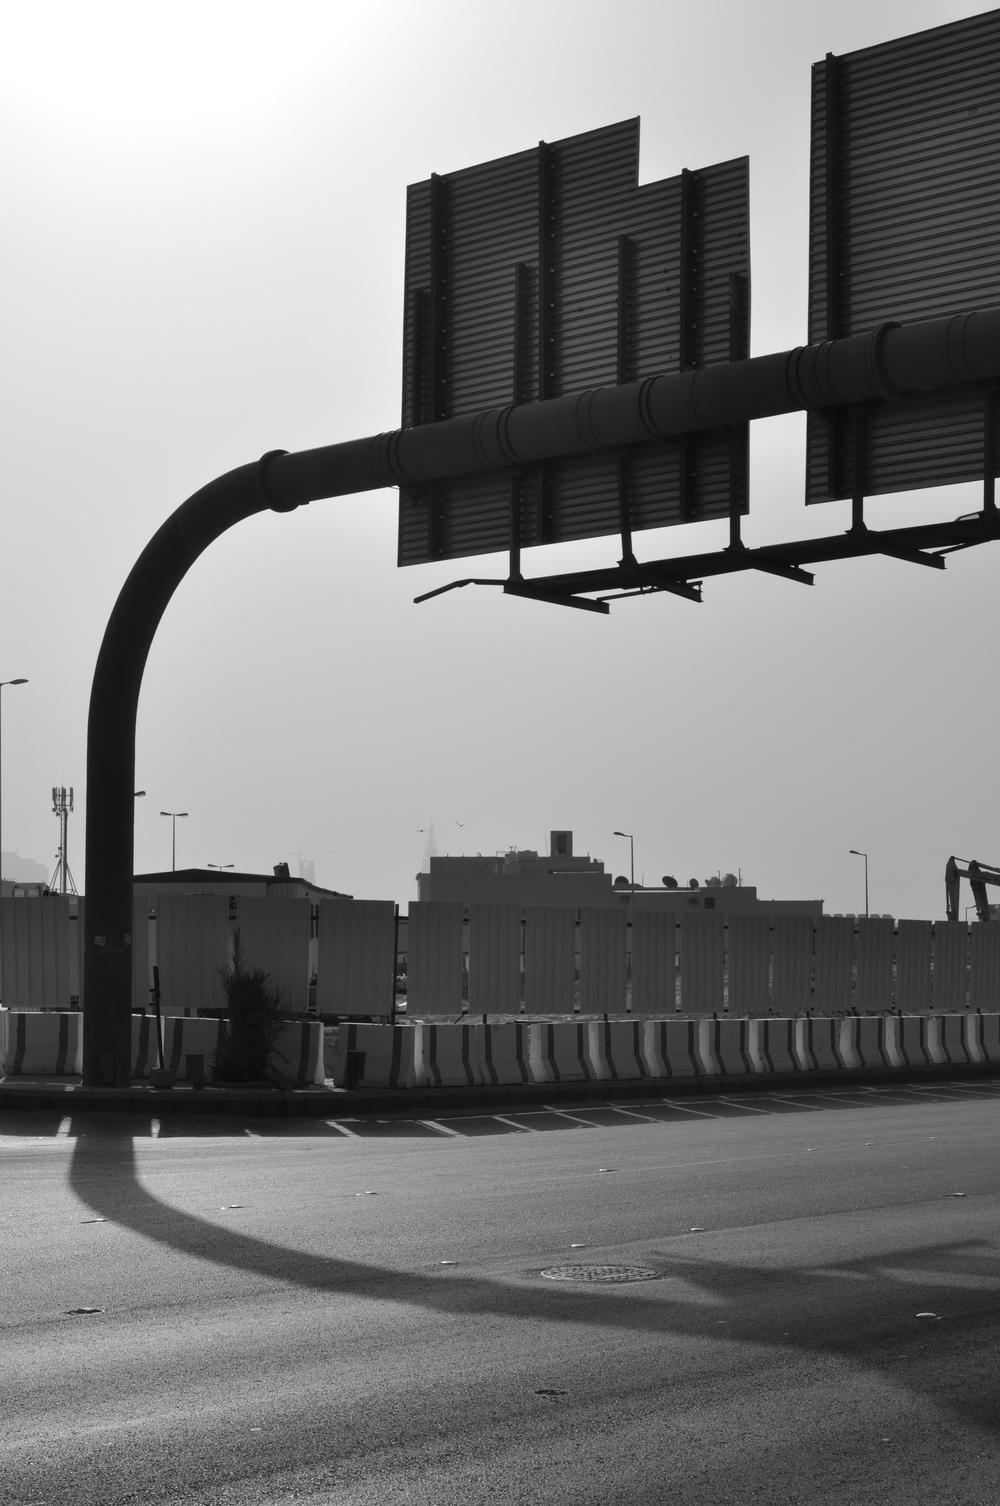 Early morning, Riyadh 2014